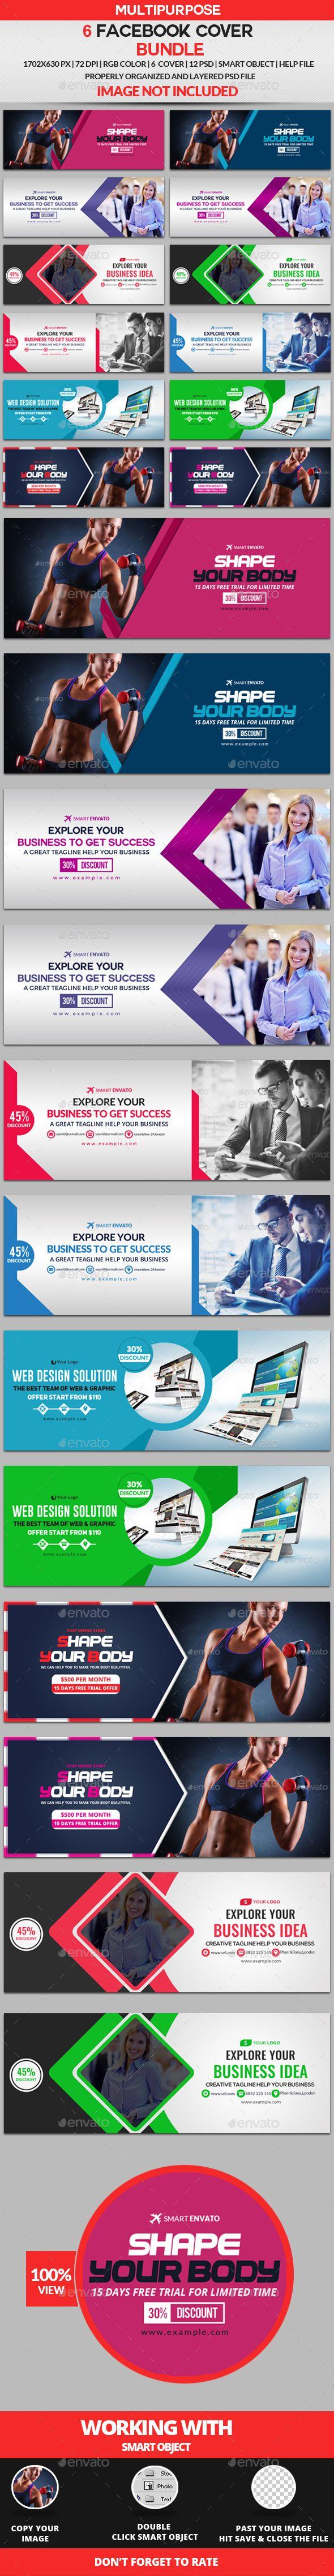 Facebook Cover Template PSD Bundle - 6 Design